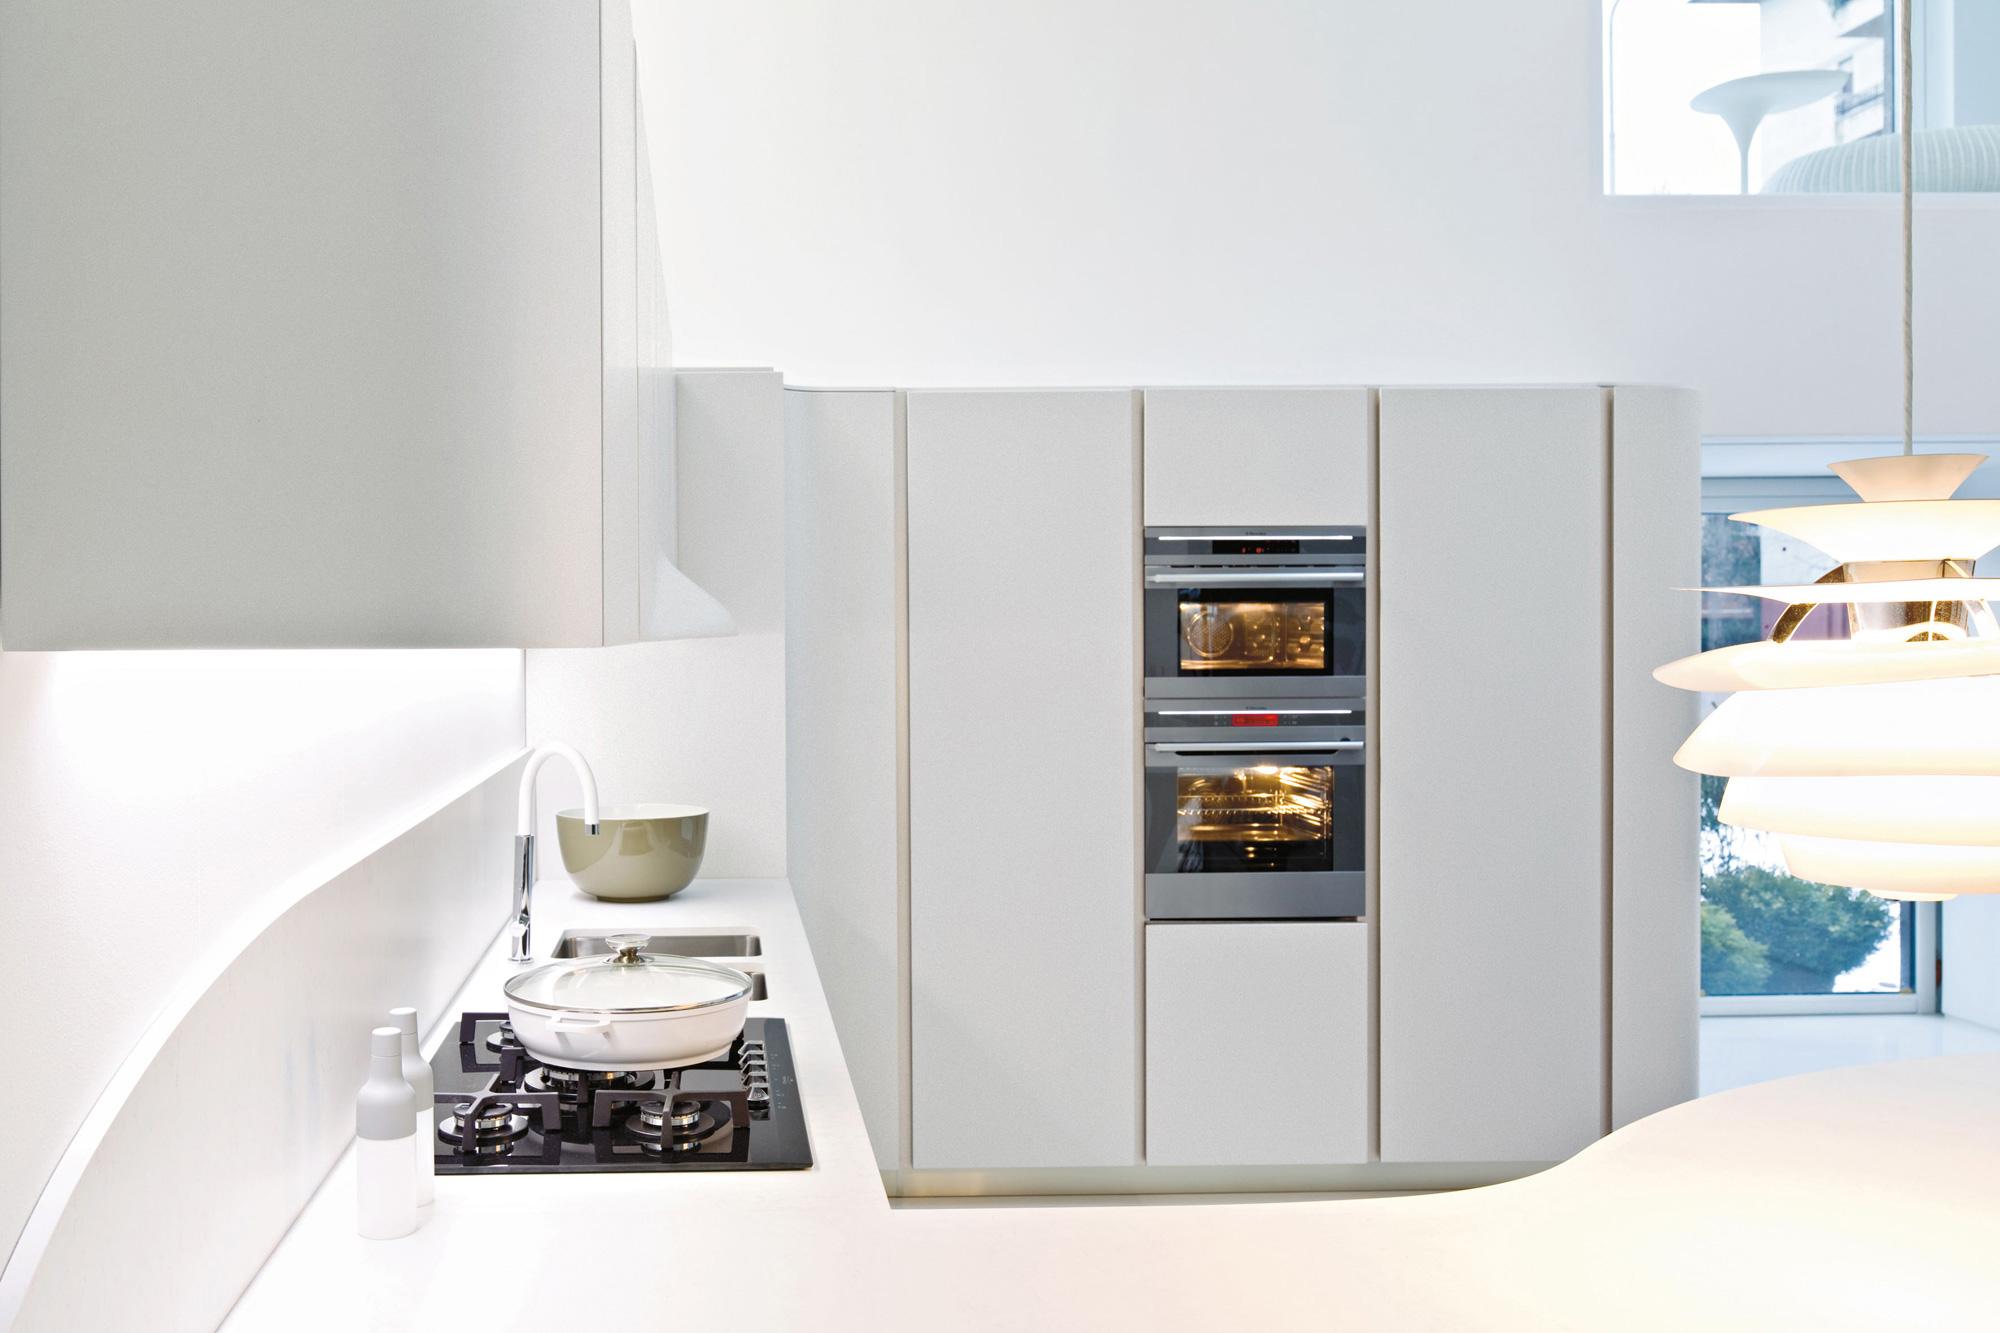 cucine-con-penisola-ola-20-snaidero-dettaglio-6